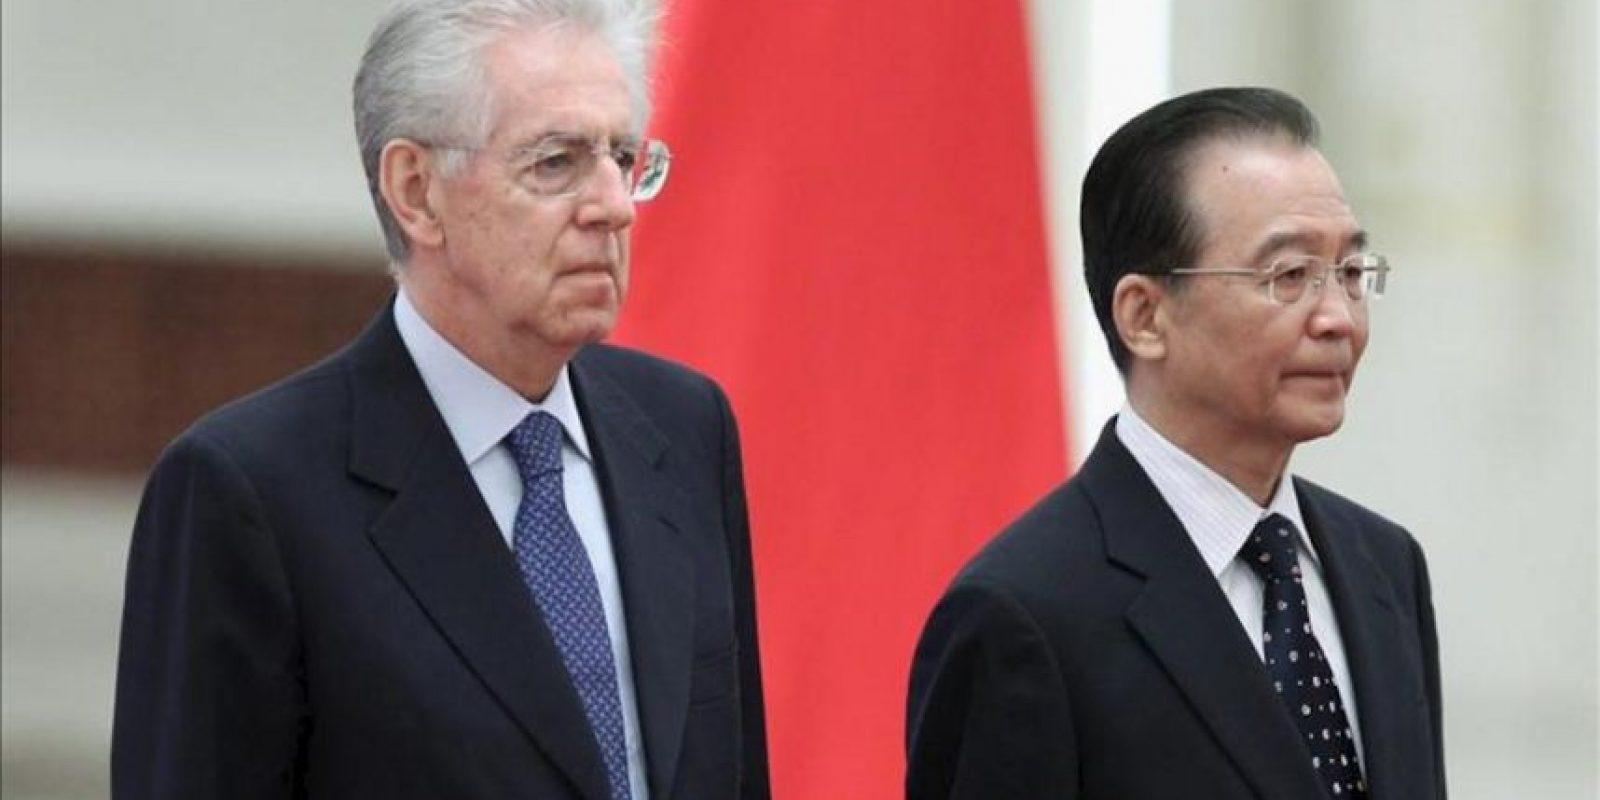 El primer ministro de China, Wen Jiabao (d), y su homólogo italiano, Mario Monti (i), escuchan los himnos nacionales respectivos durante una ceremonia de bienvenida hoy, en el Gran Salón del Pueblo en Pekín (China). EFE